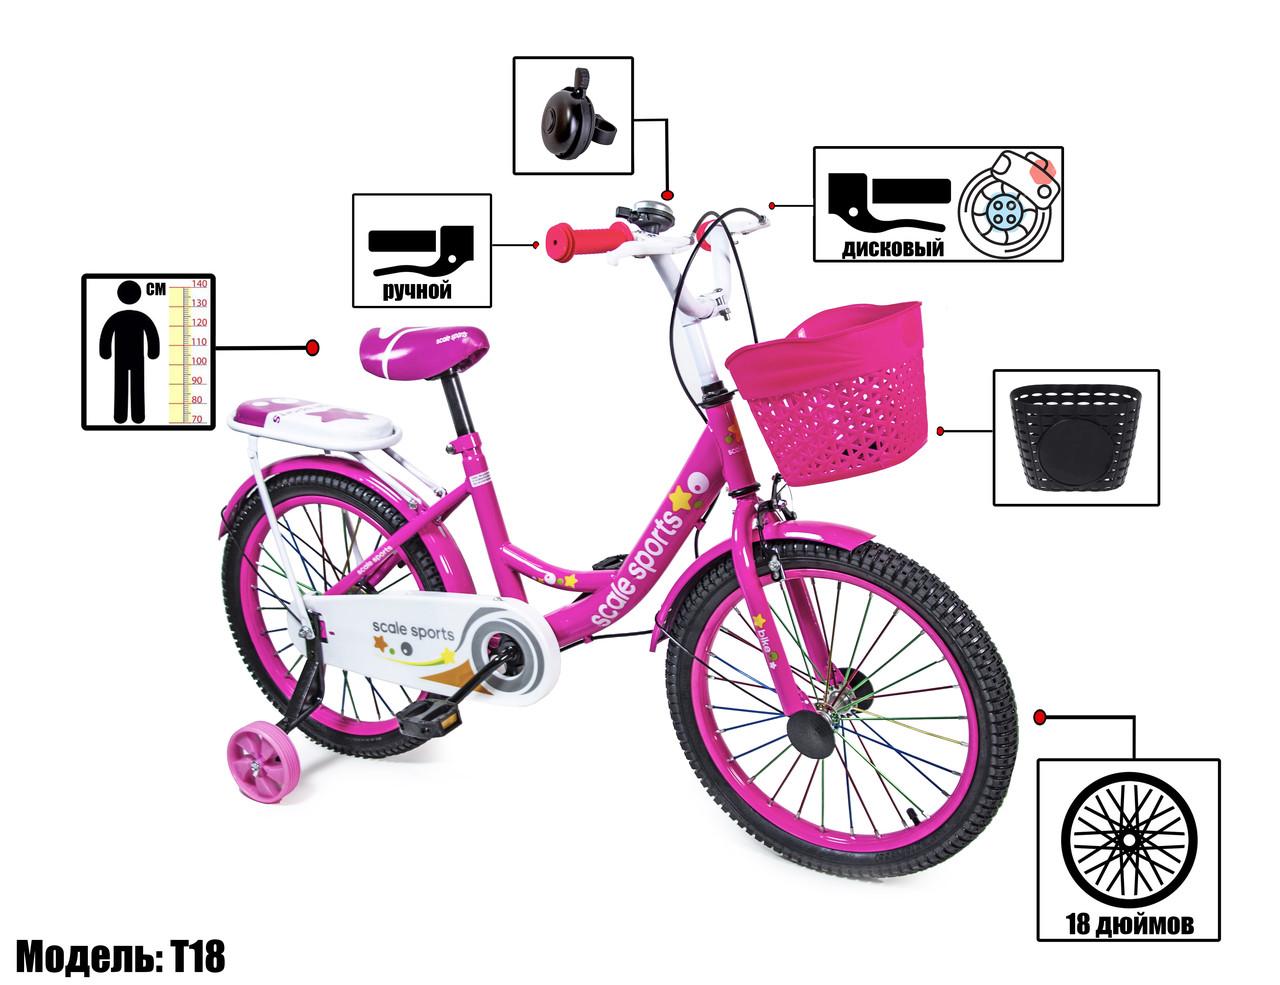 """Велосипед 18 """"Scale Sports"""" Розовый T18, Ручной и Дисковый Тормоз оптом"""